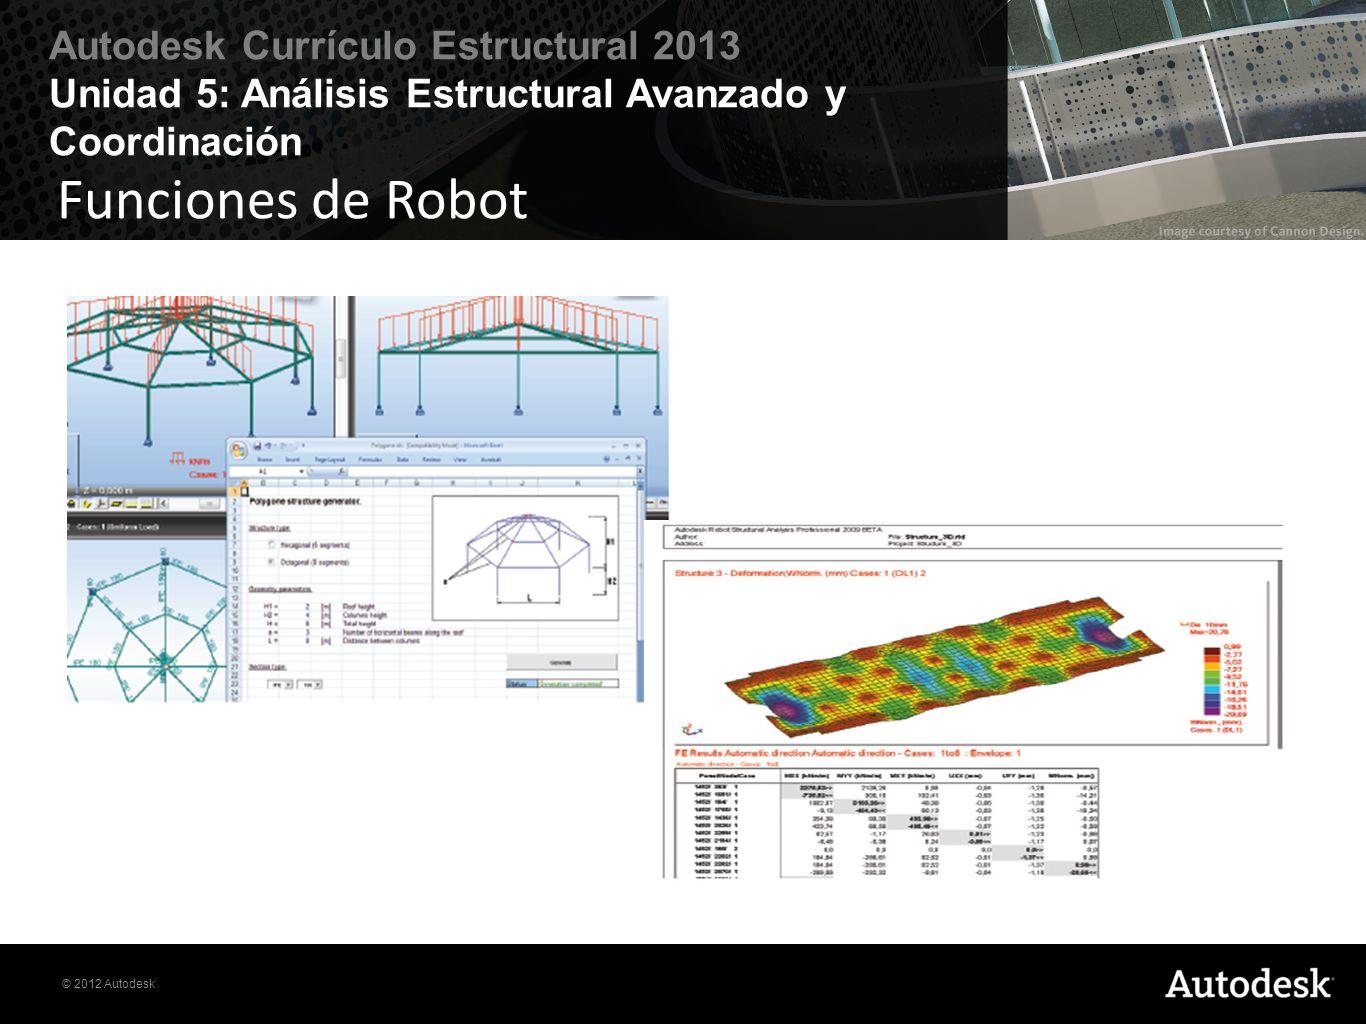 Funciones de Robot